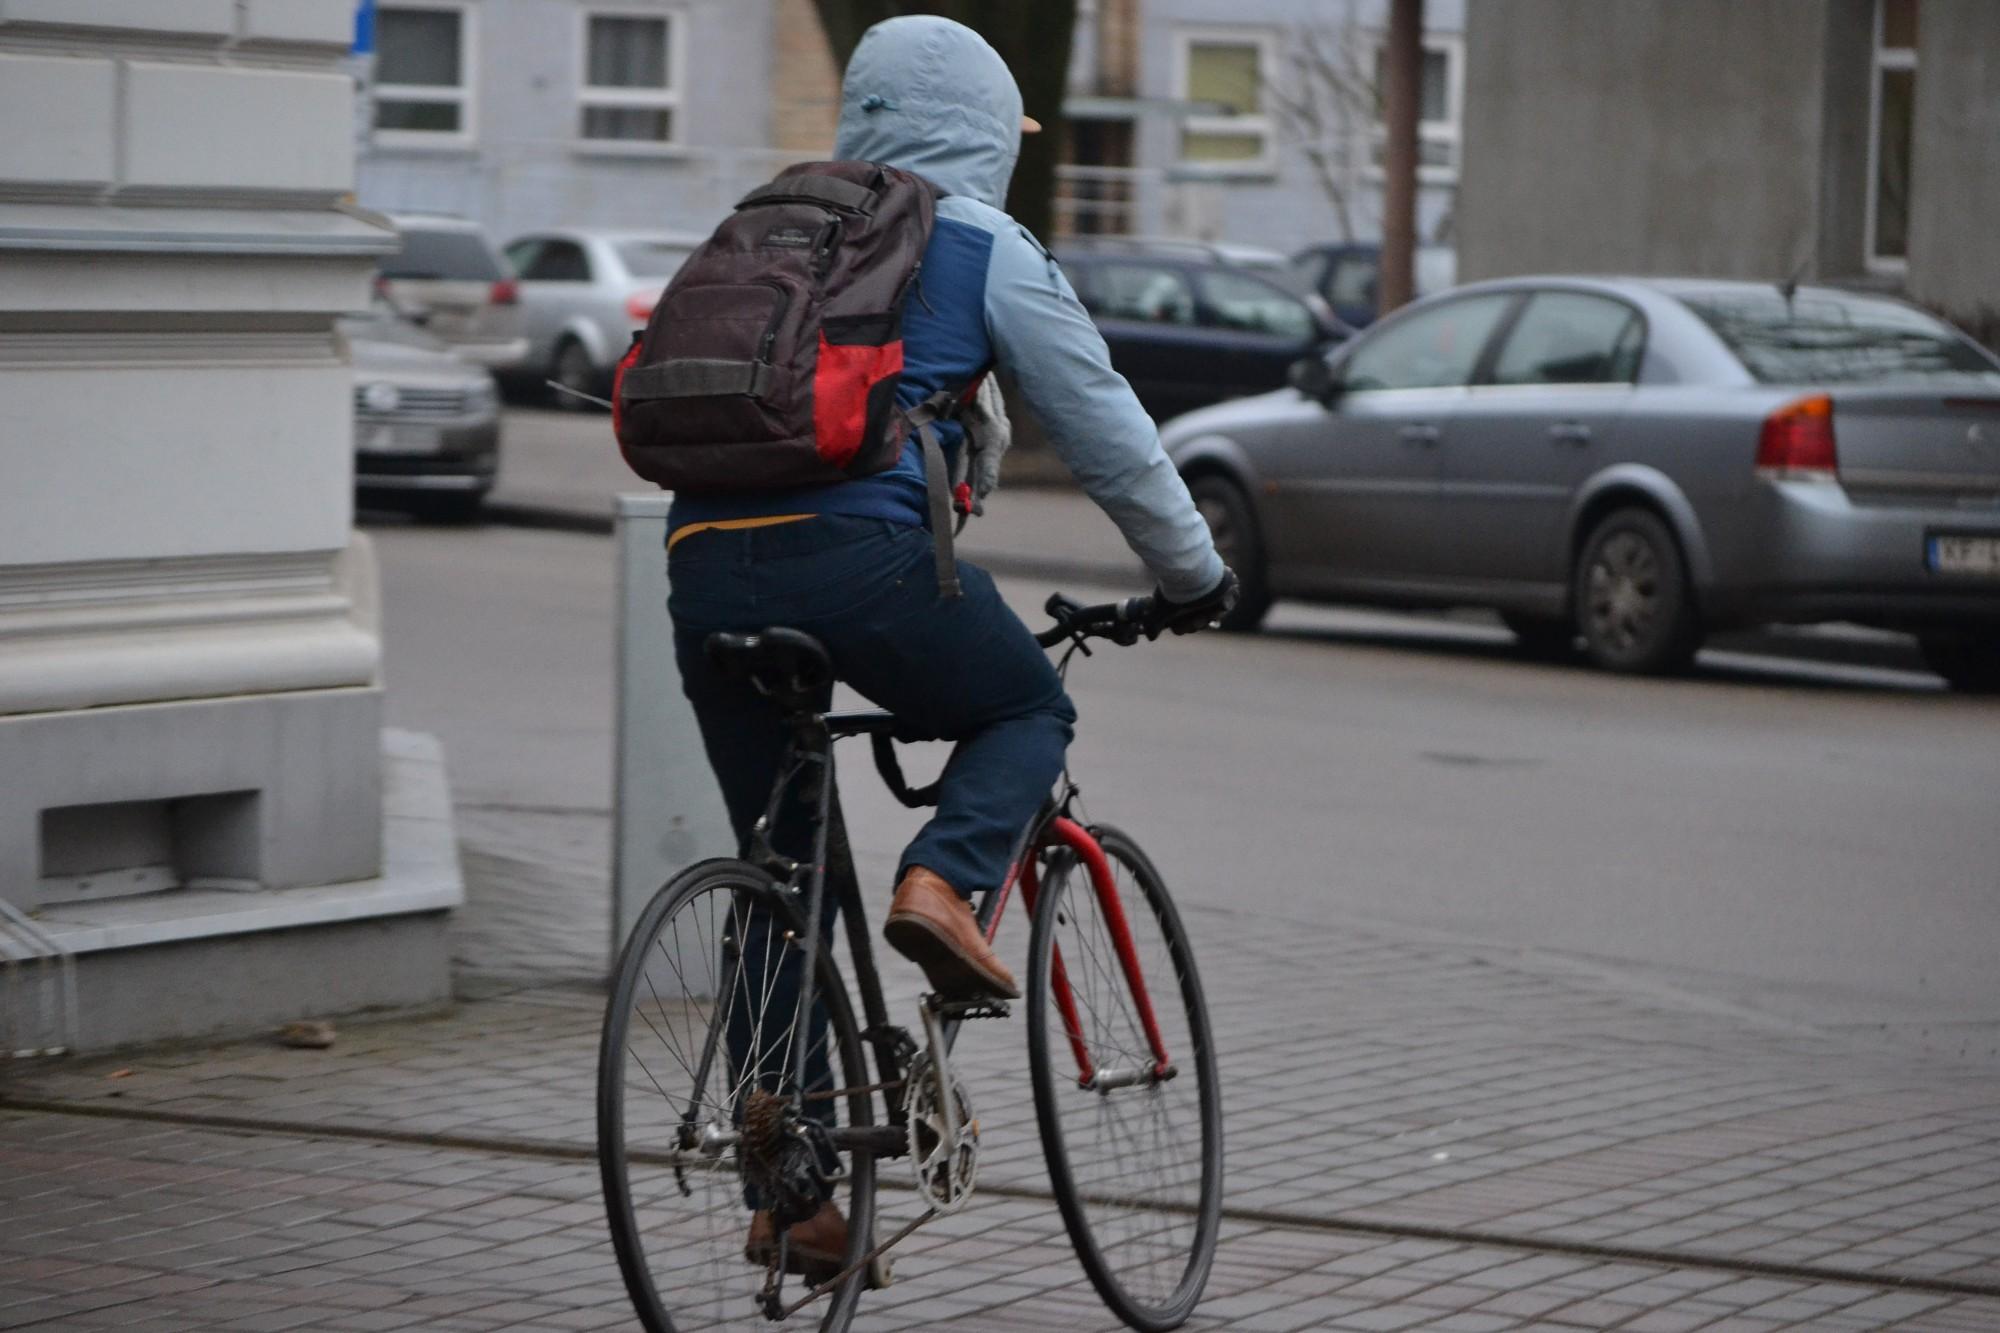 Pa kāpņu telpām siro velosipēdu zagļi